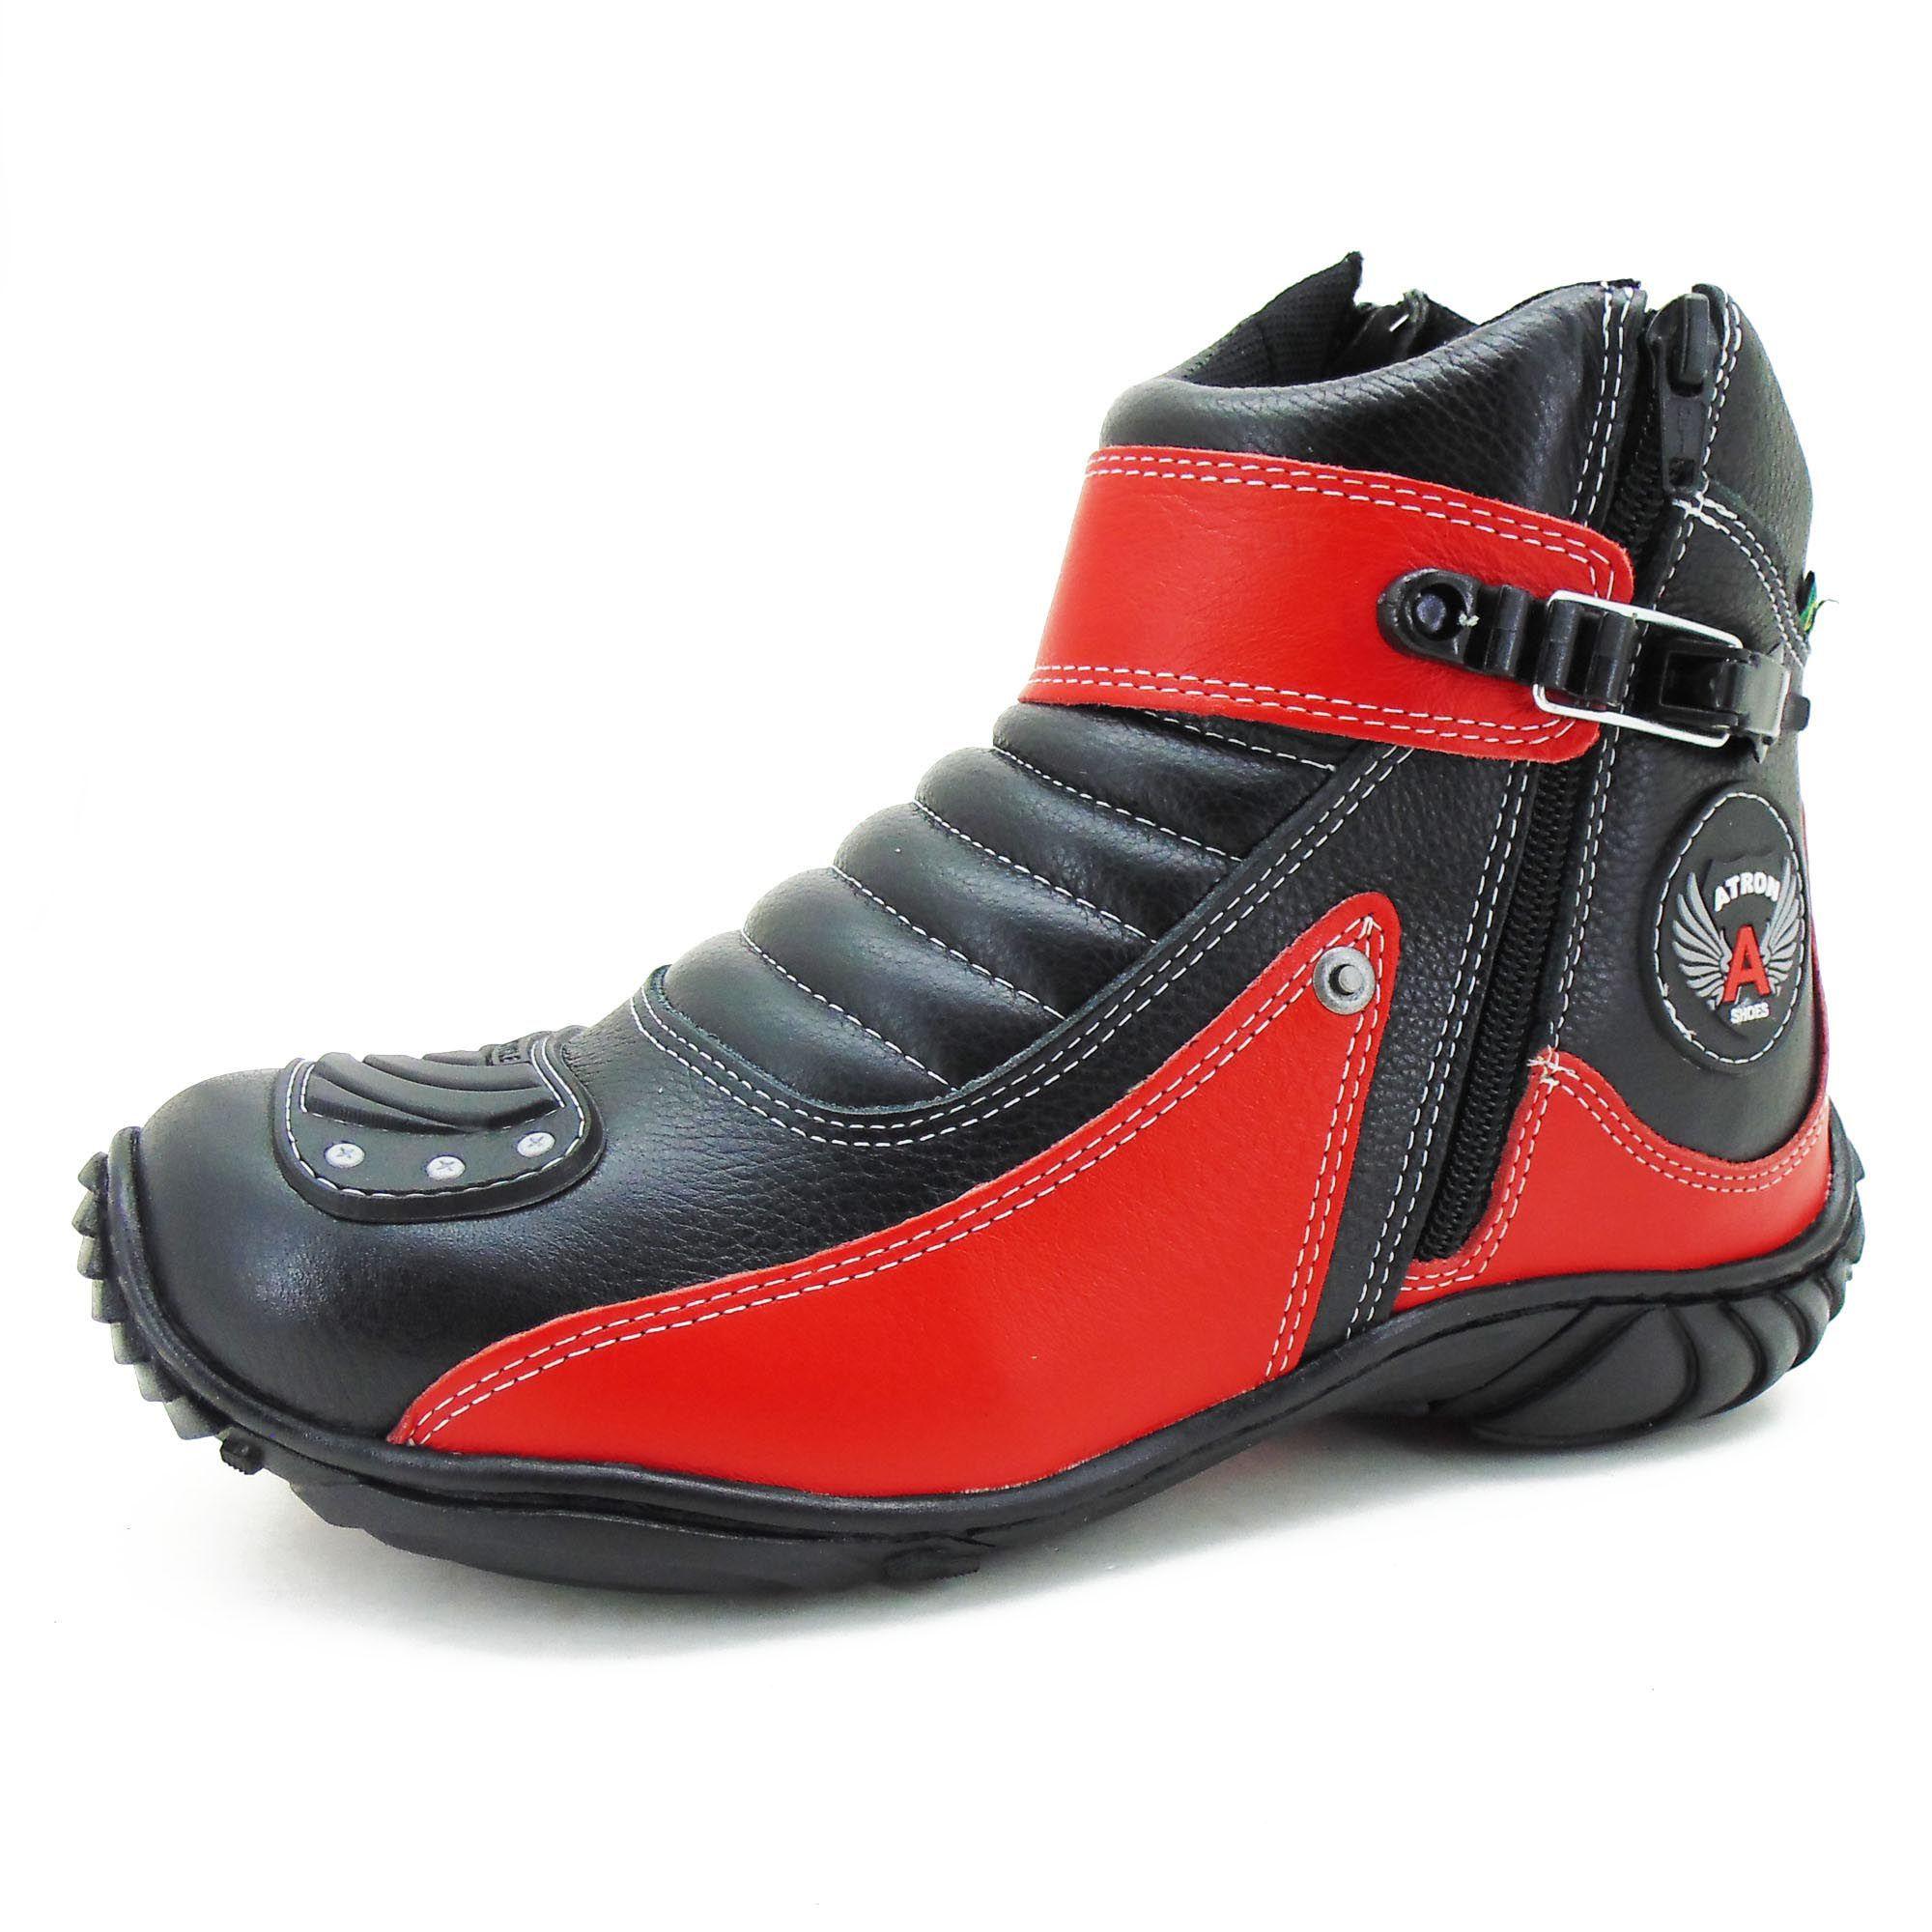 Bota para Motociclista Couro Legítimo 271 Vermelho